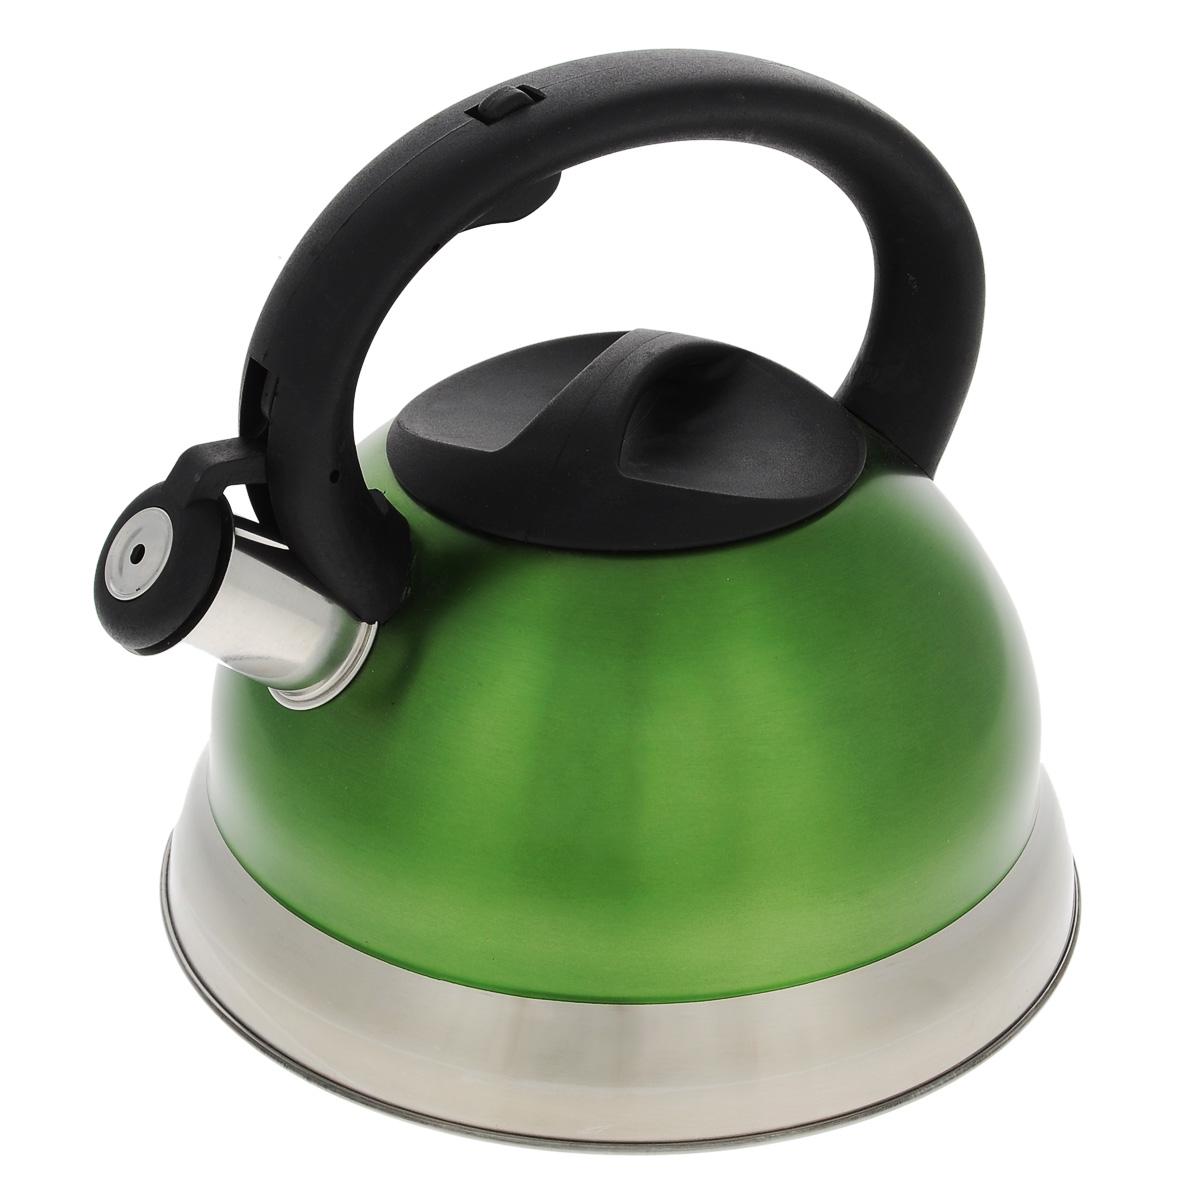 Чайник Bekker Premium со свистком, цвет: зеленый, 2,7 л. BK-S461BK-S461Чайник Bekker Premium изготовлен из высококачественной нержавеющей стали 18/10 с цветным матовым покрытием. Капсулированное дно распределяет тепло по всей поверхности, что позволяет чайнику быстро закипать. Крышка и эргономичная фиксированная ручка выполнены из бакелита черного цвета. Носик оснащен откидным свистком, который подскажет, когда закипела вода. Свисток открывается и закрывается нажатием кнопки на рукоятке. Подходит для всех типов плит, включая индукционные. Можно мыть в посудомоечной машине. Высота чайника (без учета ручки): 11,5 см. Высота чайника (с учетом ручки): 21 см. Толщина стенки: 0,4 мм.